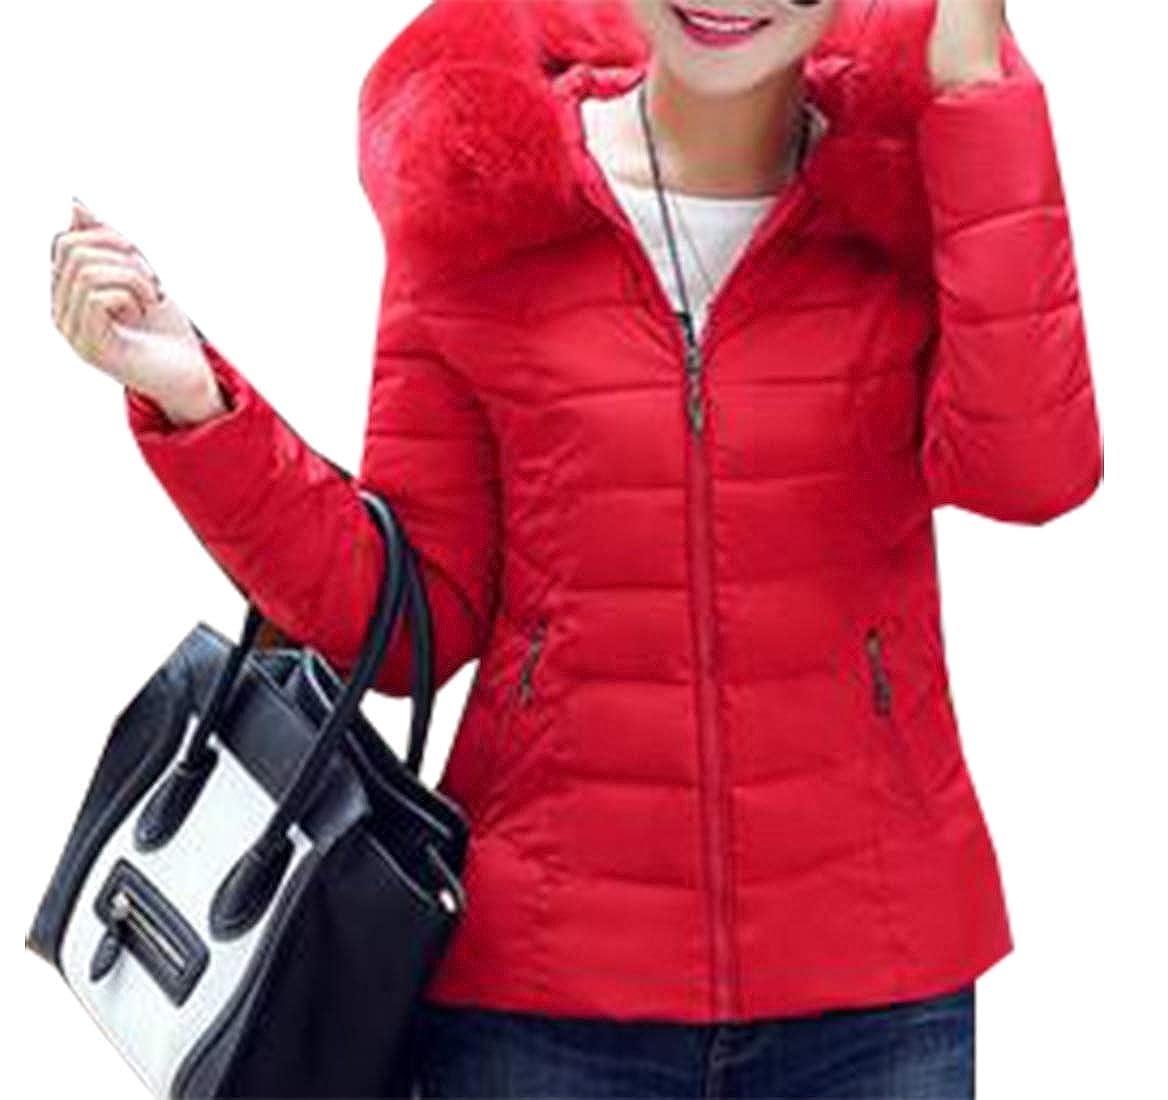 Red Sanderso Women's Padded Jacket, Thicken Faux Fur Down Winter Outwear Warm Overcoat